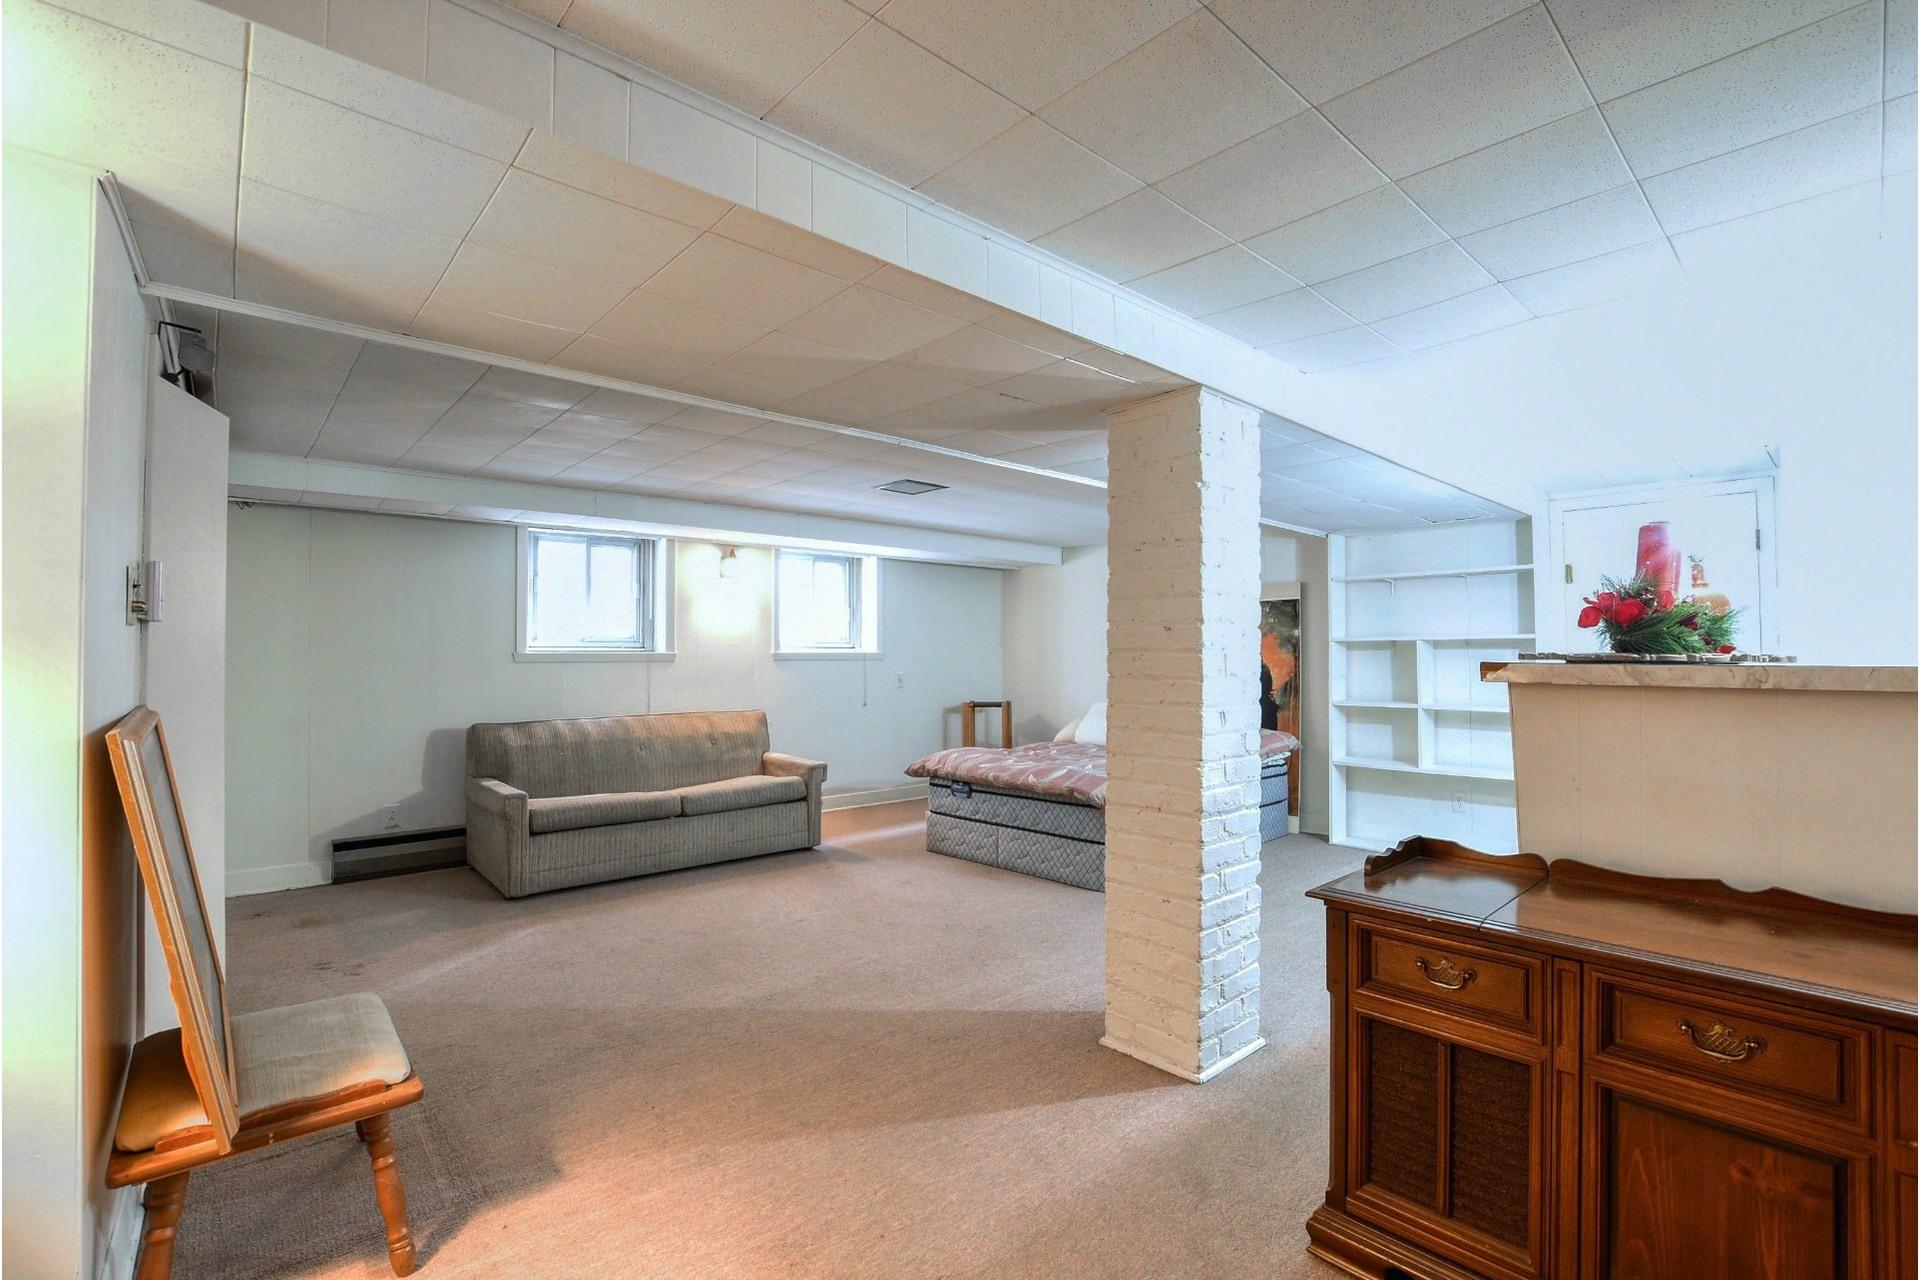 image 17 - Duplex For sale Côte-des-Neiges/Notre-Dame-de-Grâce Montréal  - 8 rooms